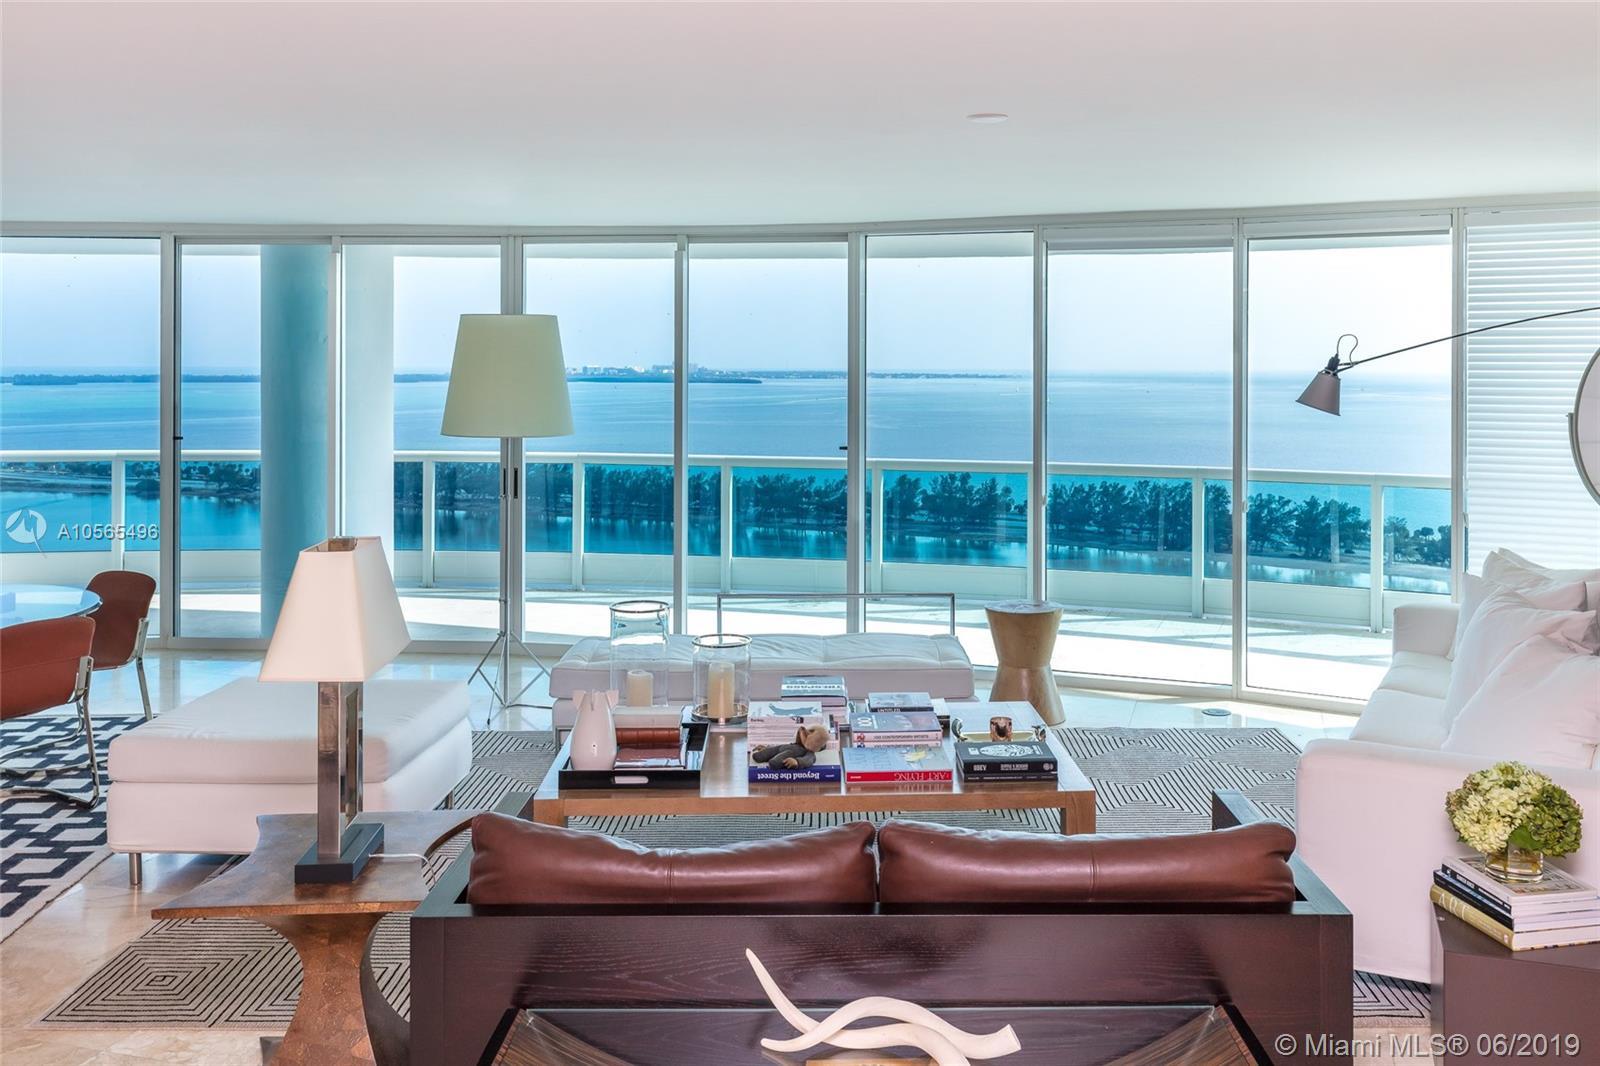 2127 Brickell Avenue, Miami, FL 33129, Bristol Tower Condominium #2902, Brickell, Miami A10565496 image #4